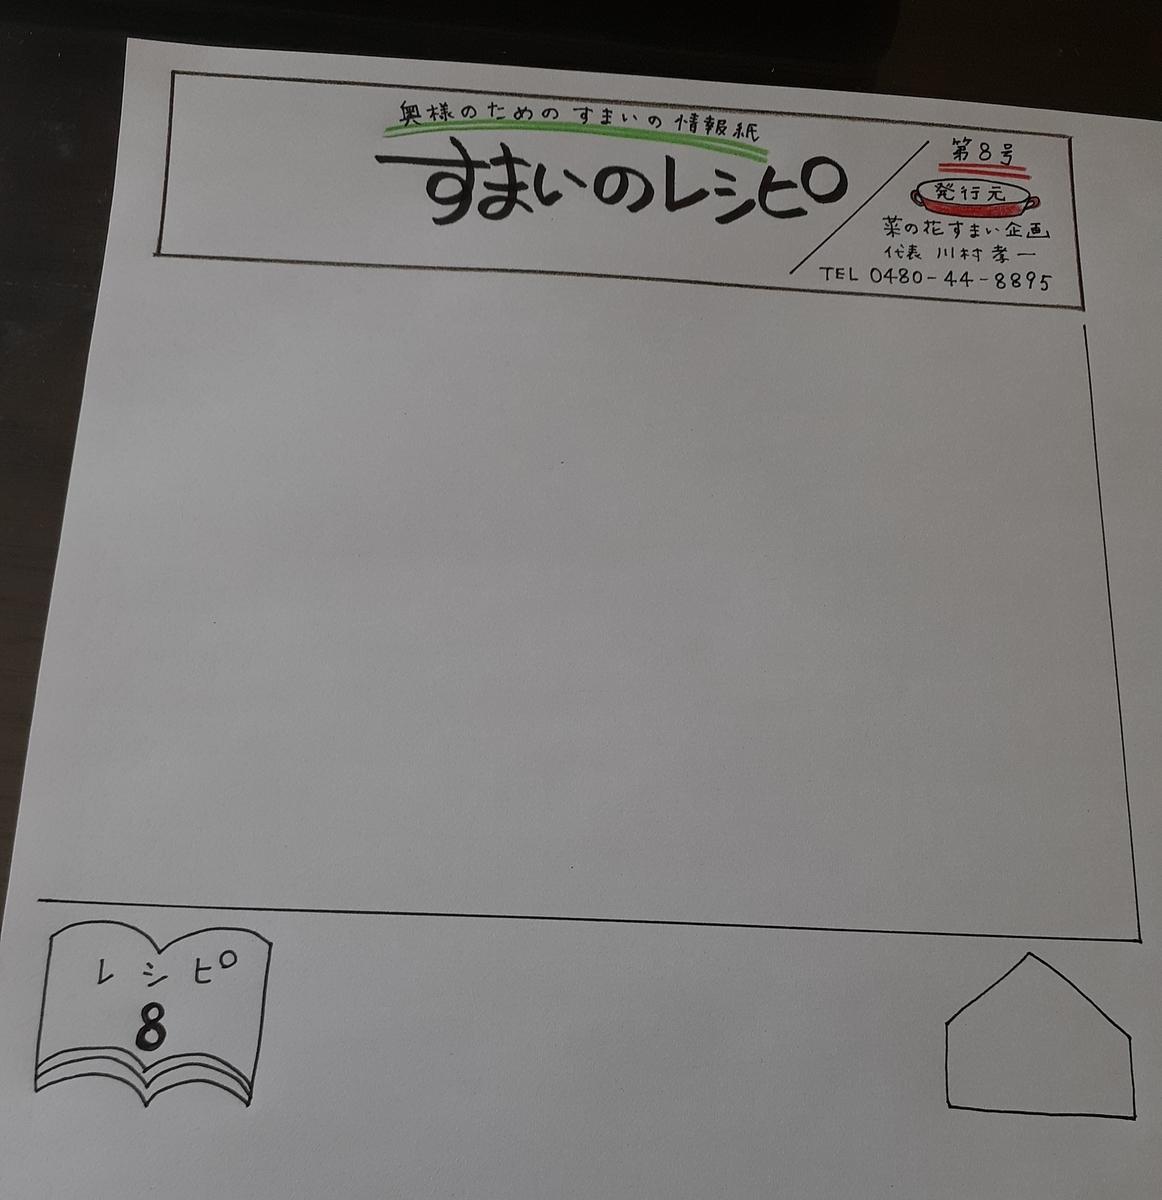 f:id:nanohana-sumai:20210410104637j:plain